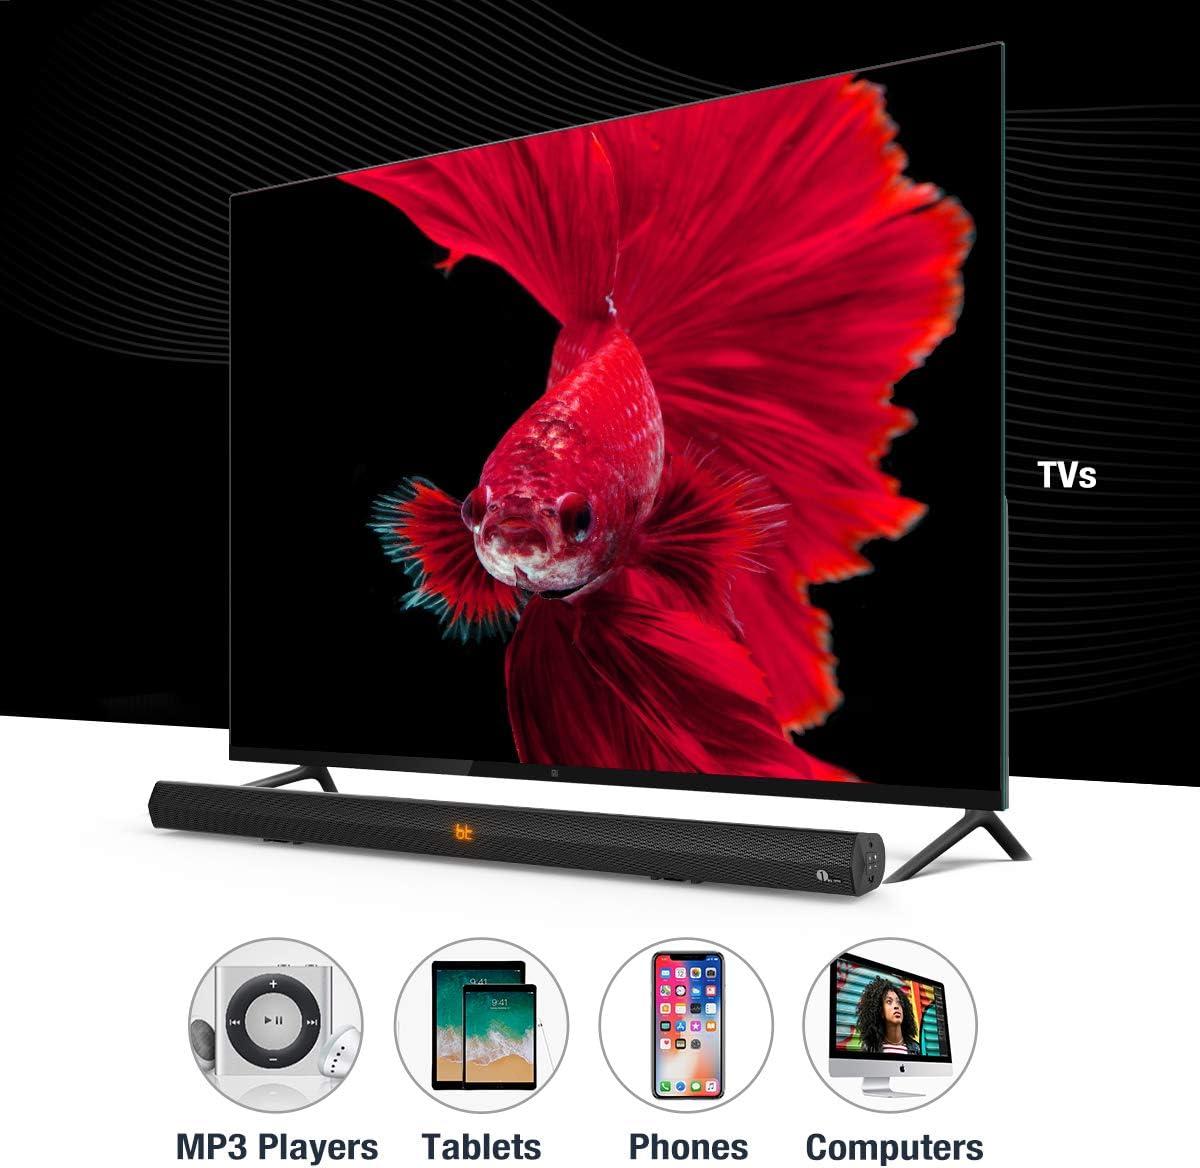 1 BY ONE Altavoz de barra Inalambrico estéreo inalámbrico para televisores, smartphones y portátiles, Altavoz dual 2.0 de 20W, múltiples puertos de conexión, montaje en pared, con control remoto: Amazon.es: Electrónica